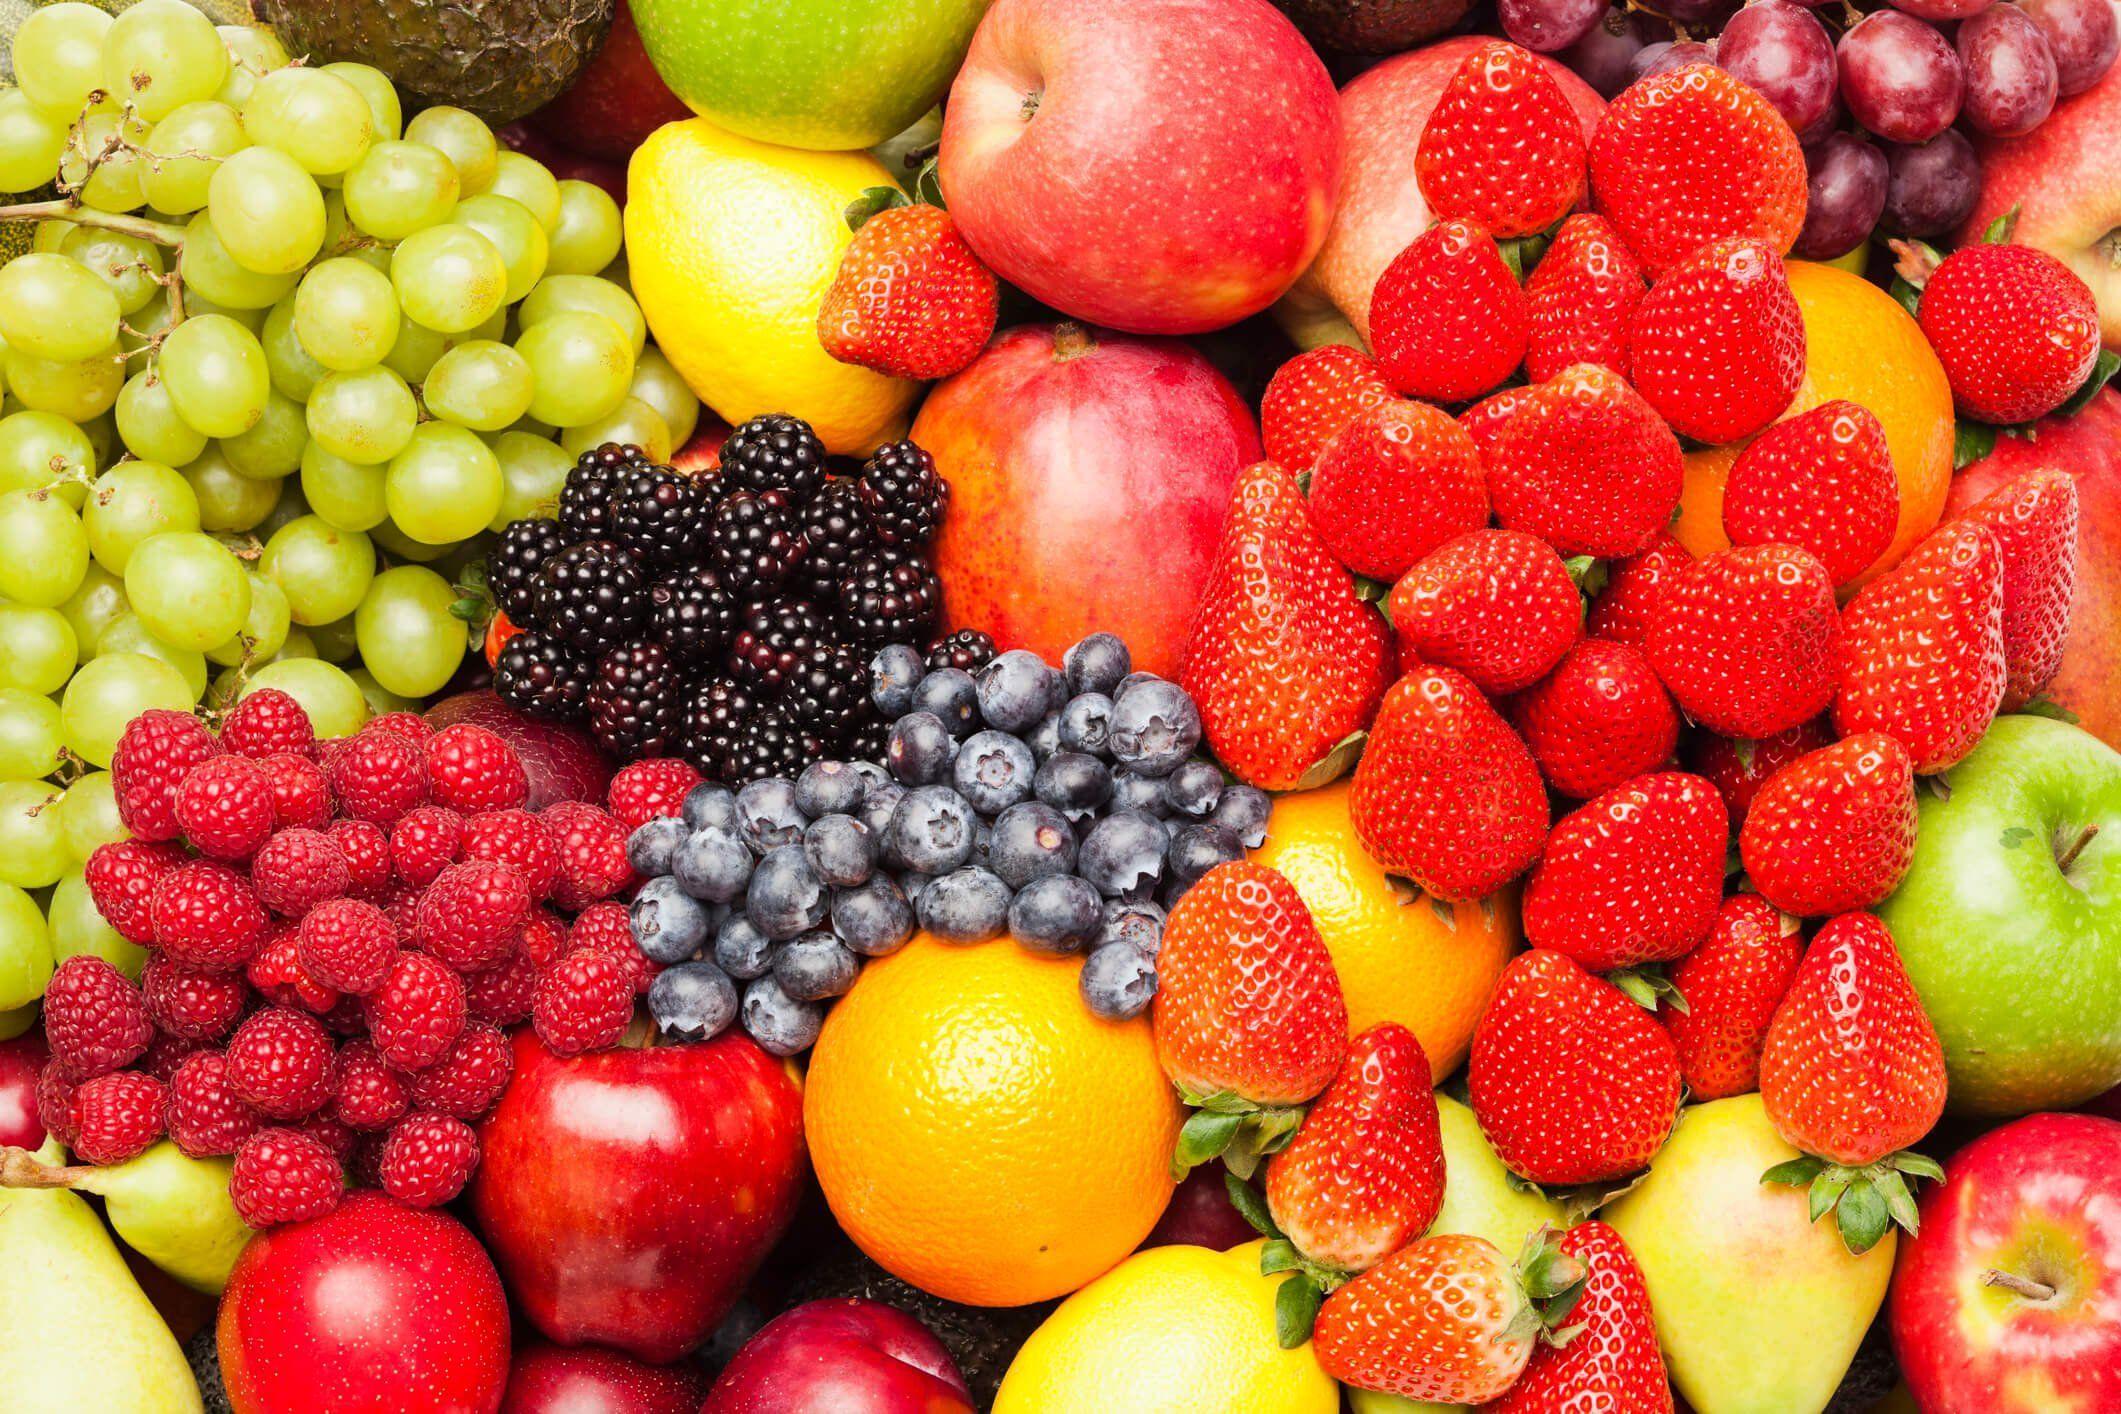 régimes fruits